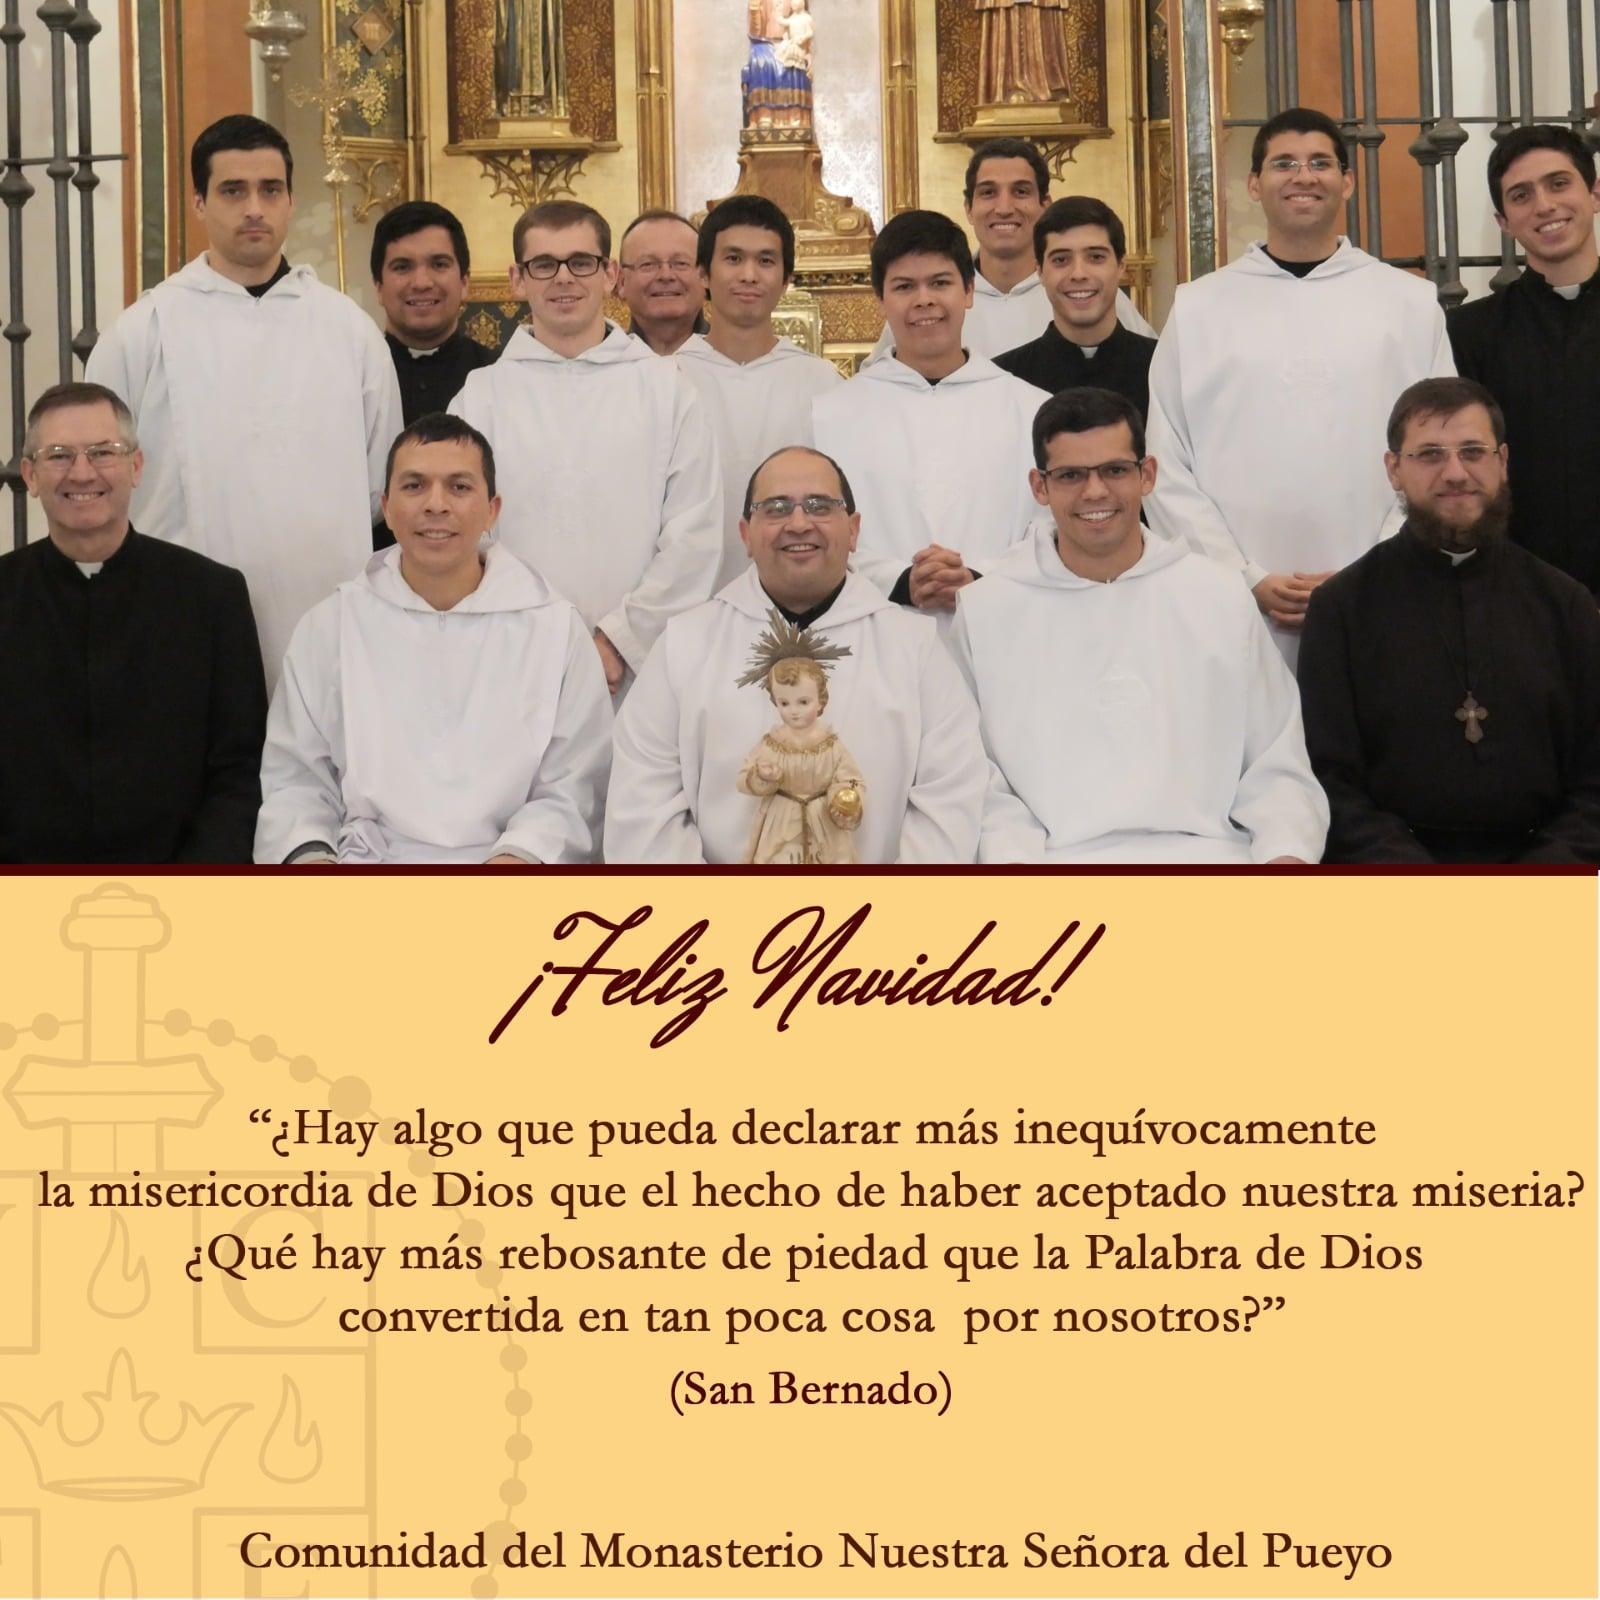 España: Monasterio del Pueyo